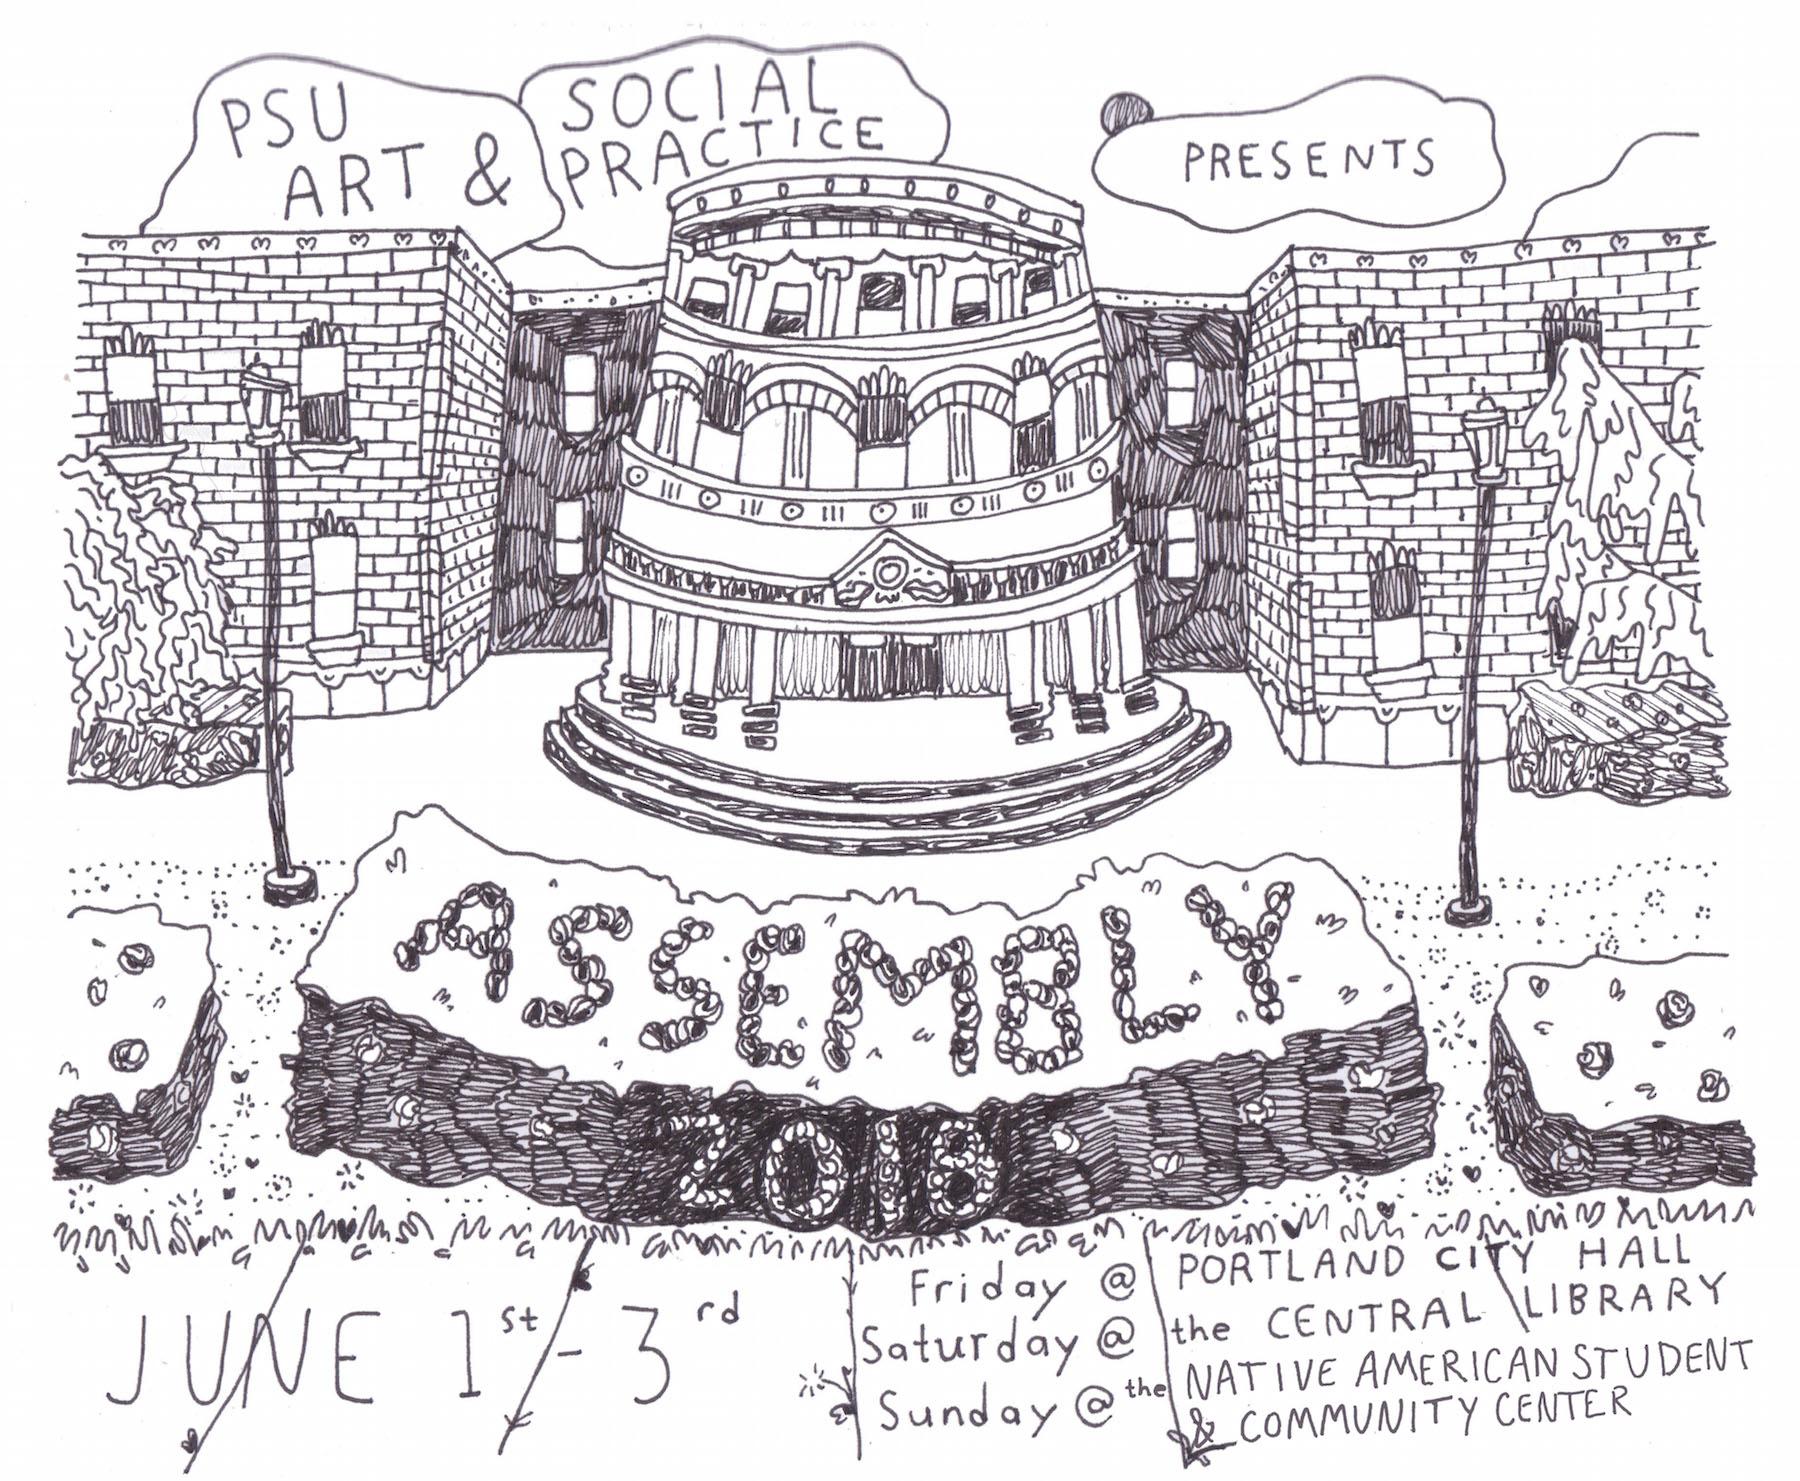 assembly psu art social practice